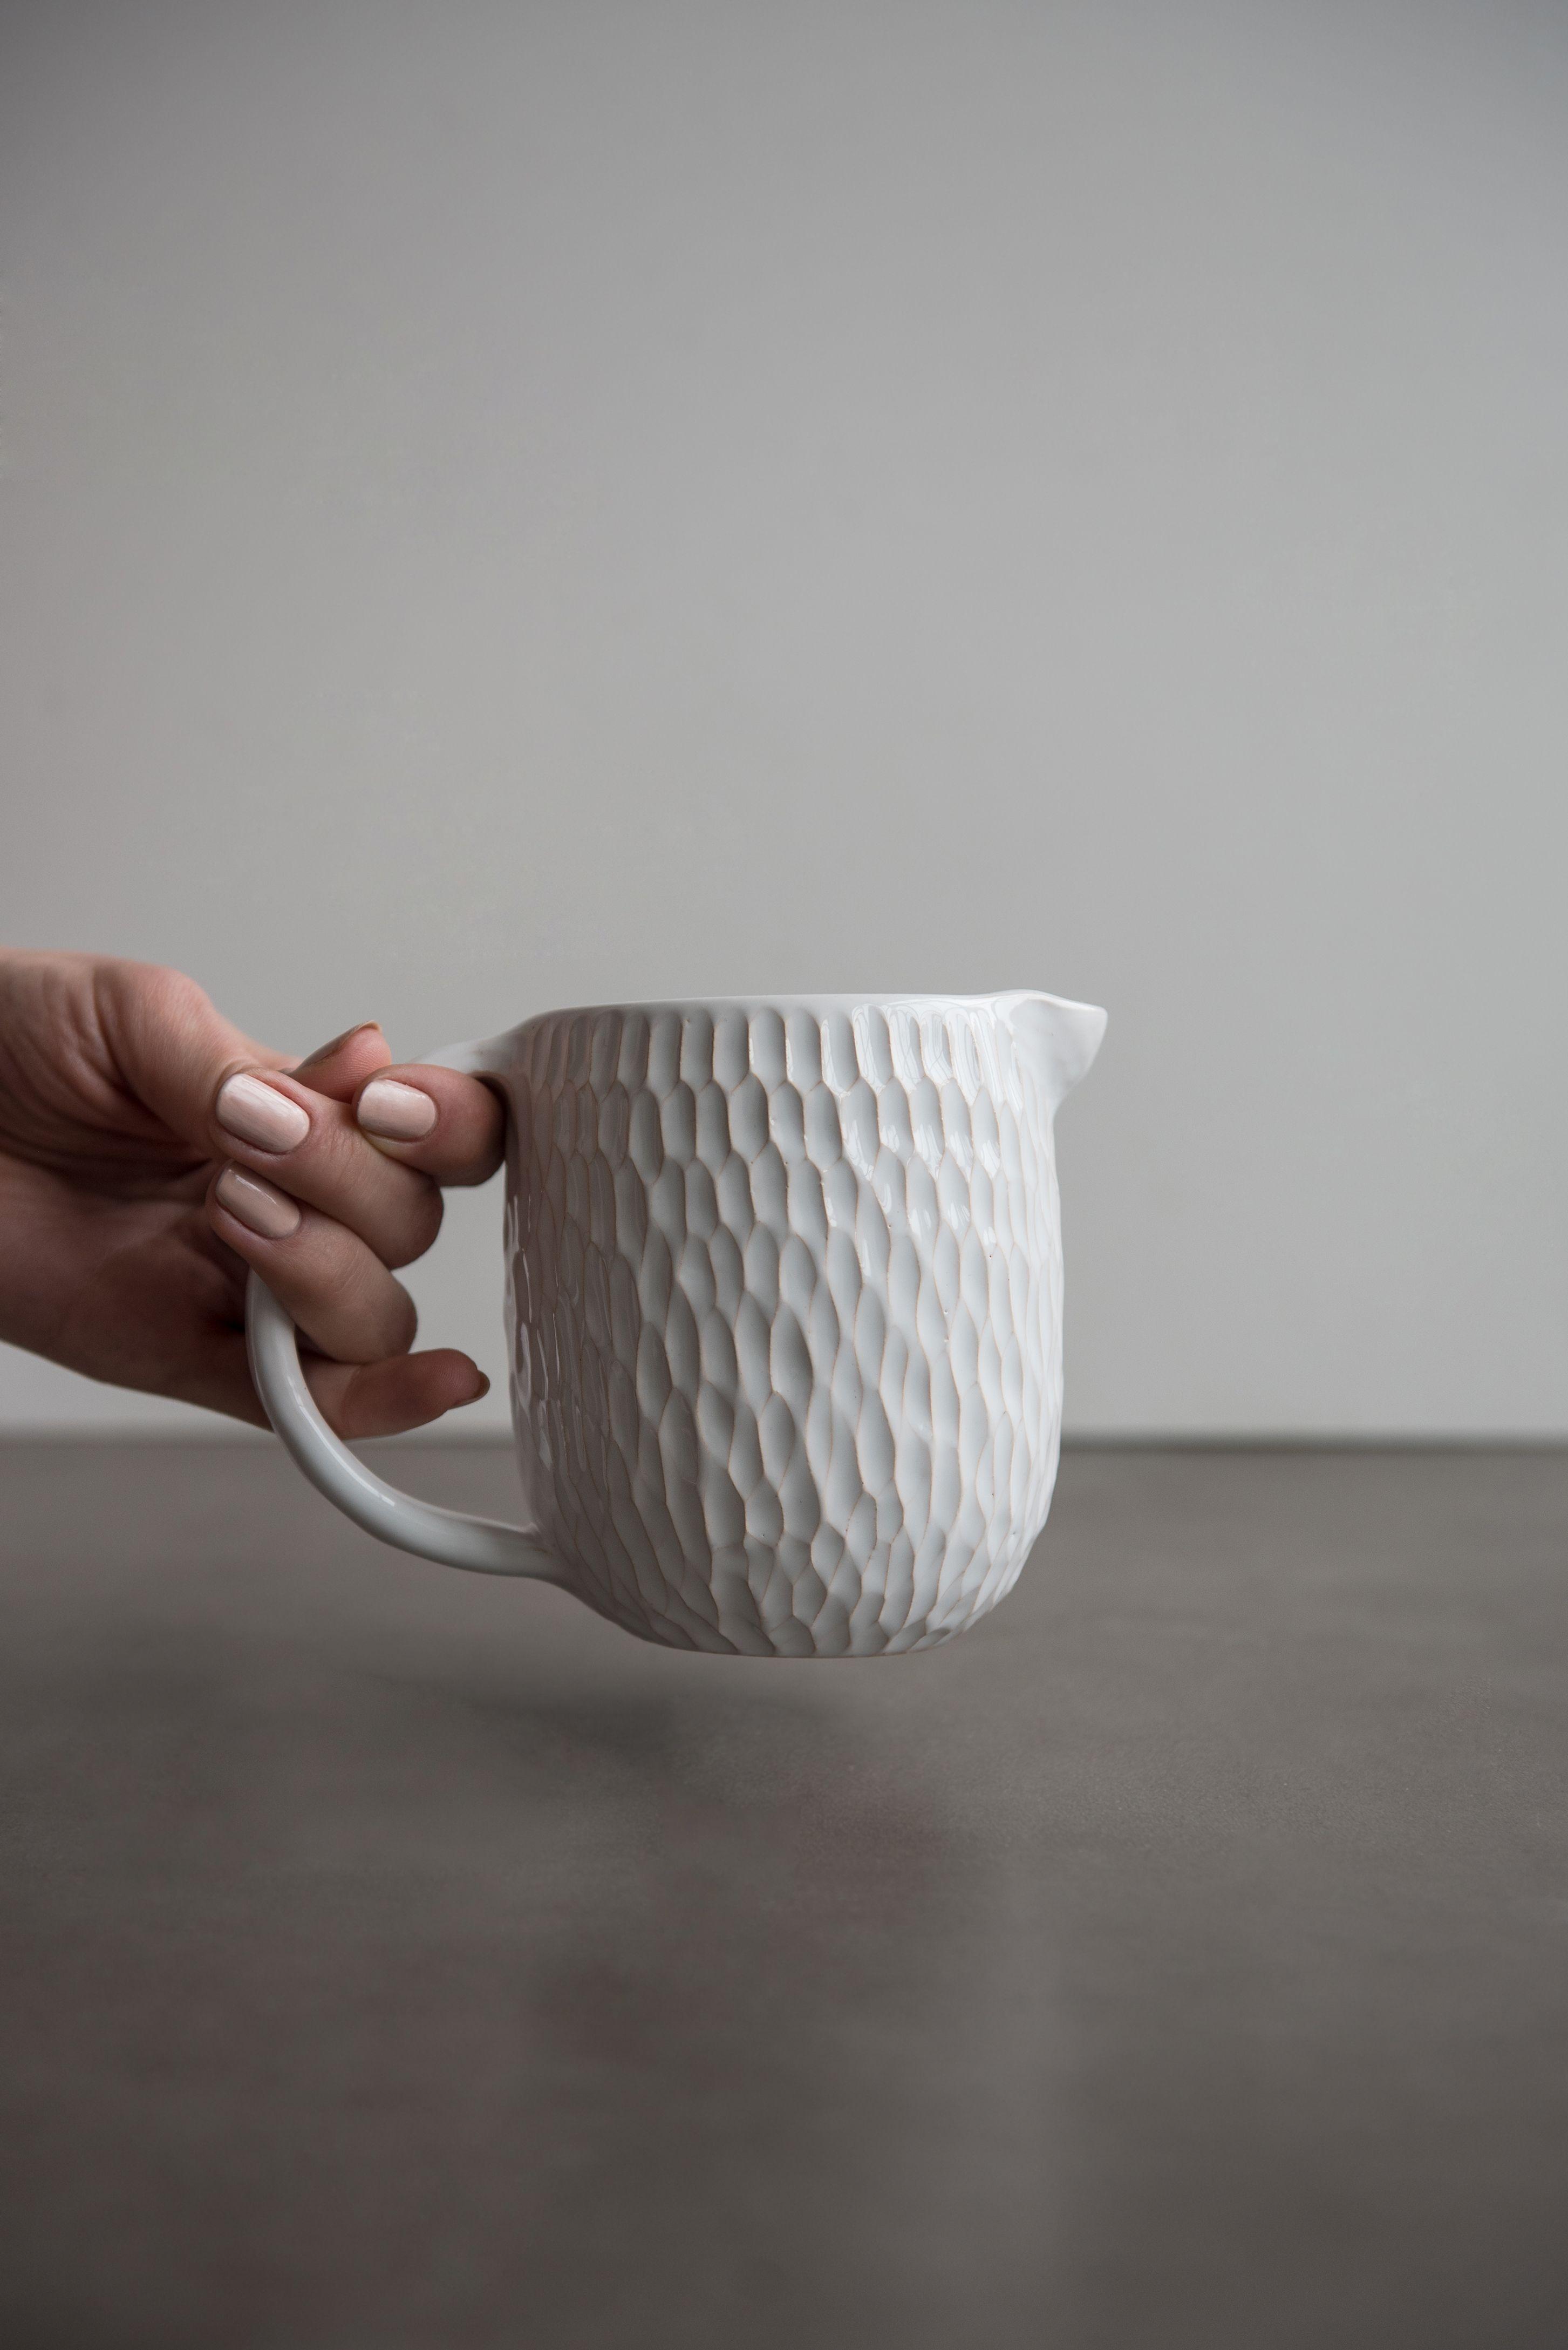 Medium Ceramic Milk Carton Jug Ceramic Gifts Ceramics Vintage Kitchen Accessories